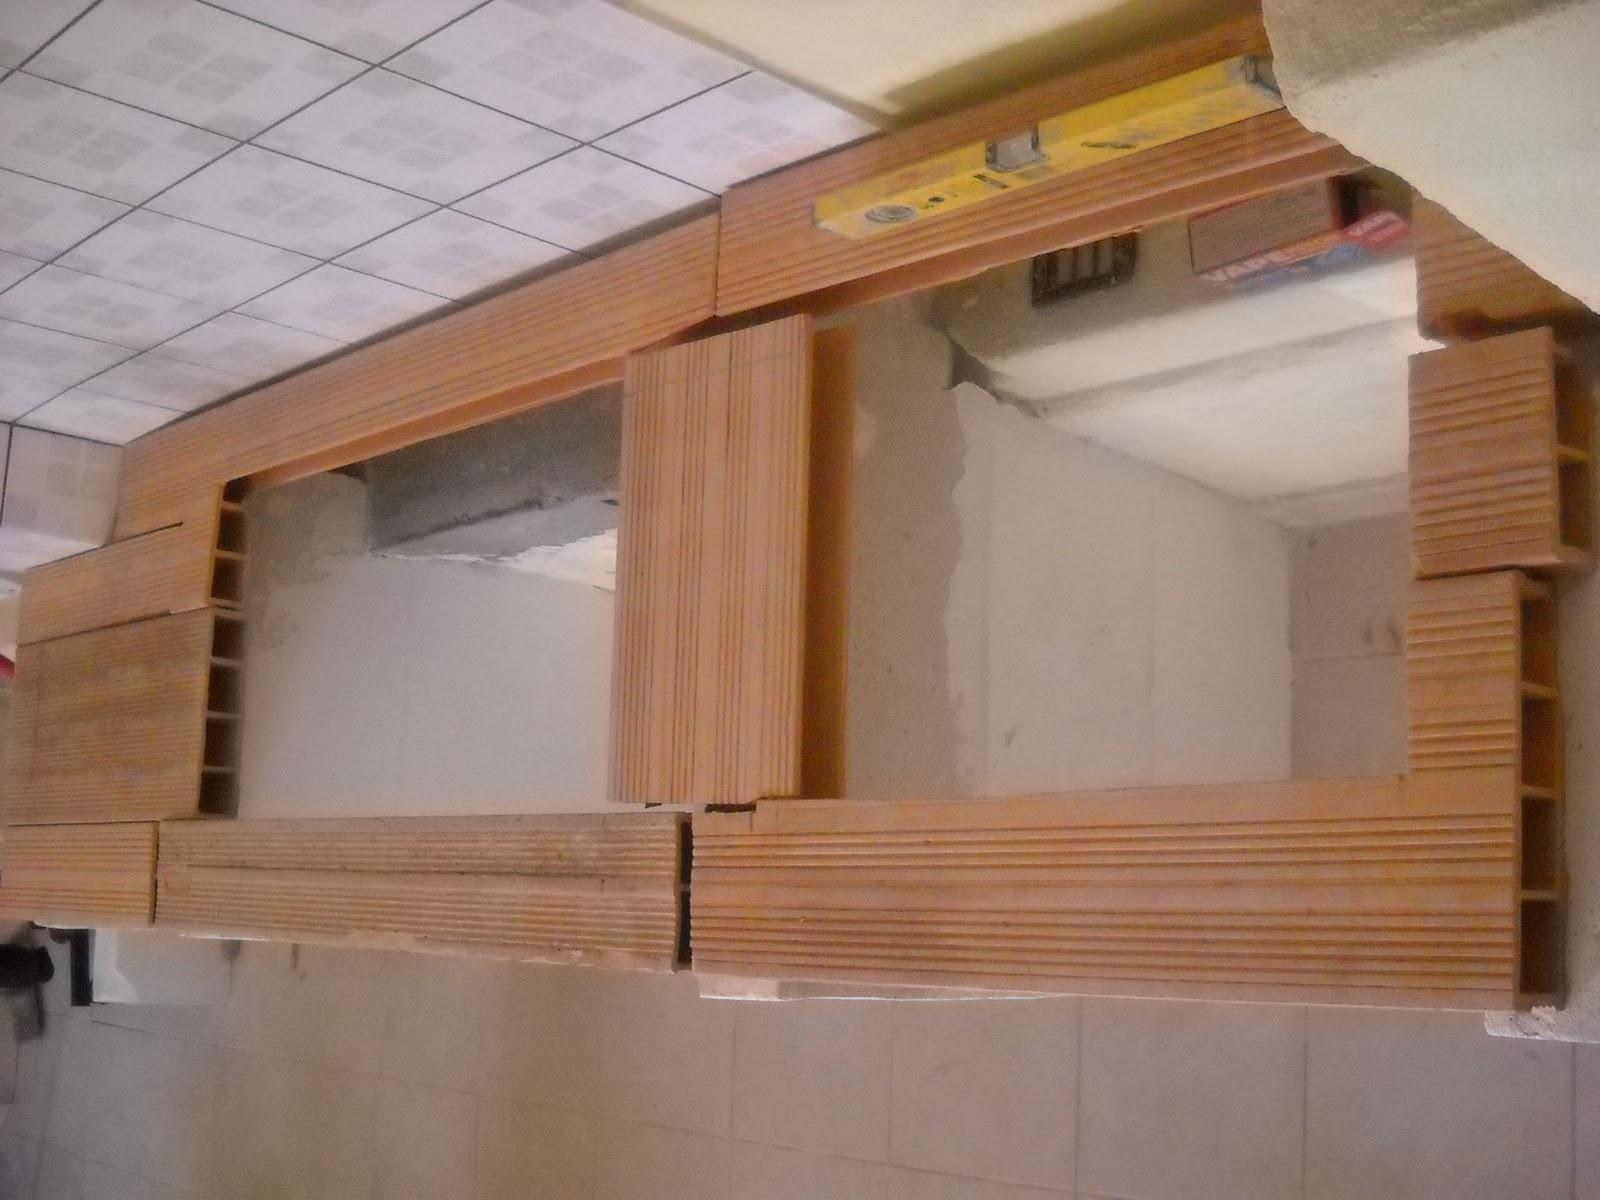 Cemento Premiscelato Per Top Cucina mie soluzioni: cucina in muratura